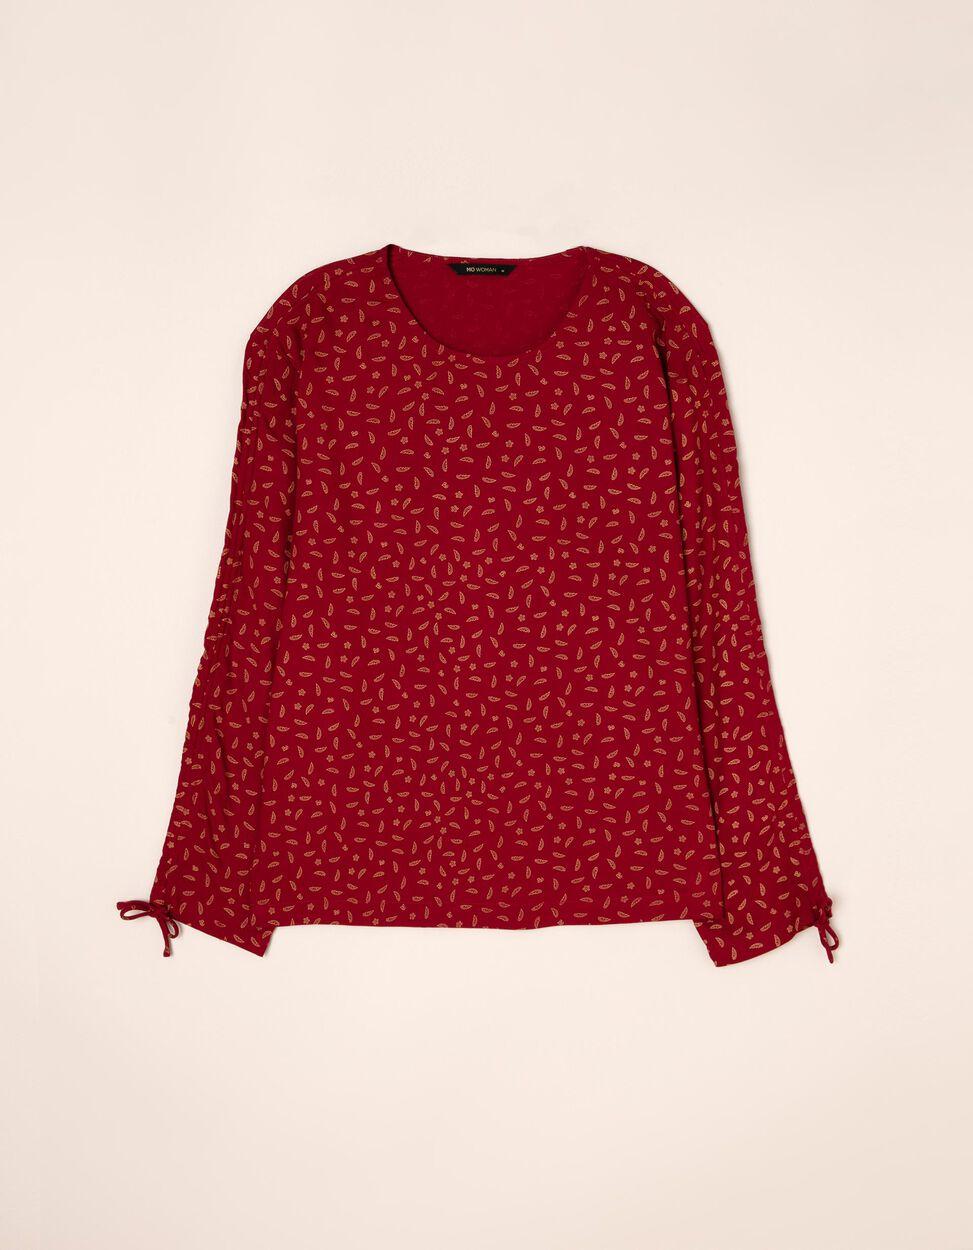 Blusa lisa com manga ajustável